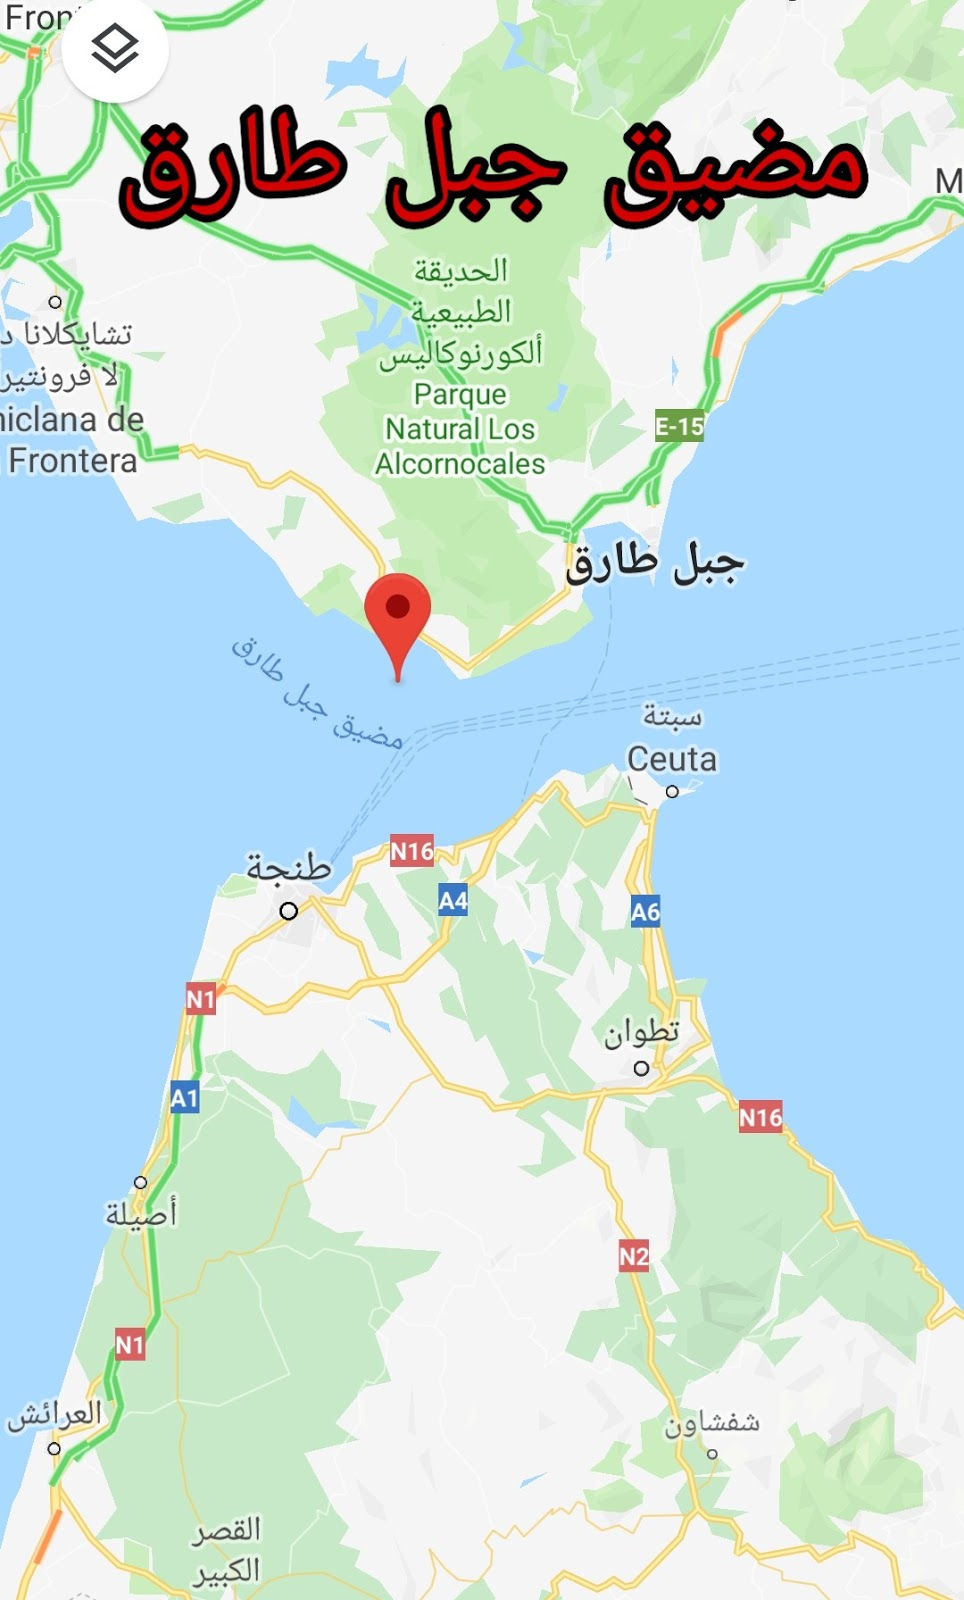 دراسة لأهم المضايق البحرية وأهميتها الاستراتيجية جبل طارق باب المندب هرمز